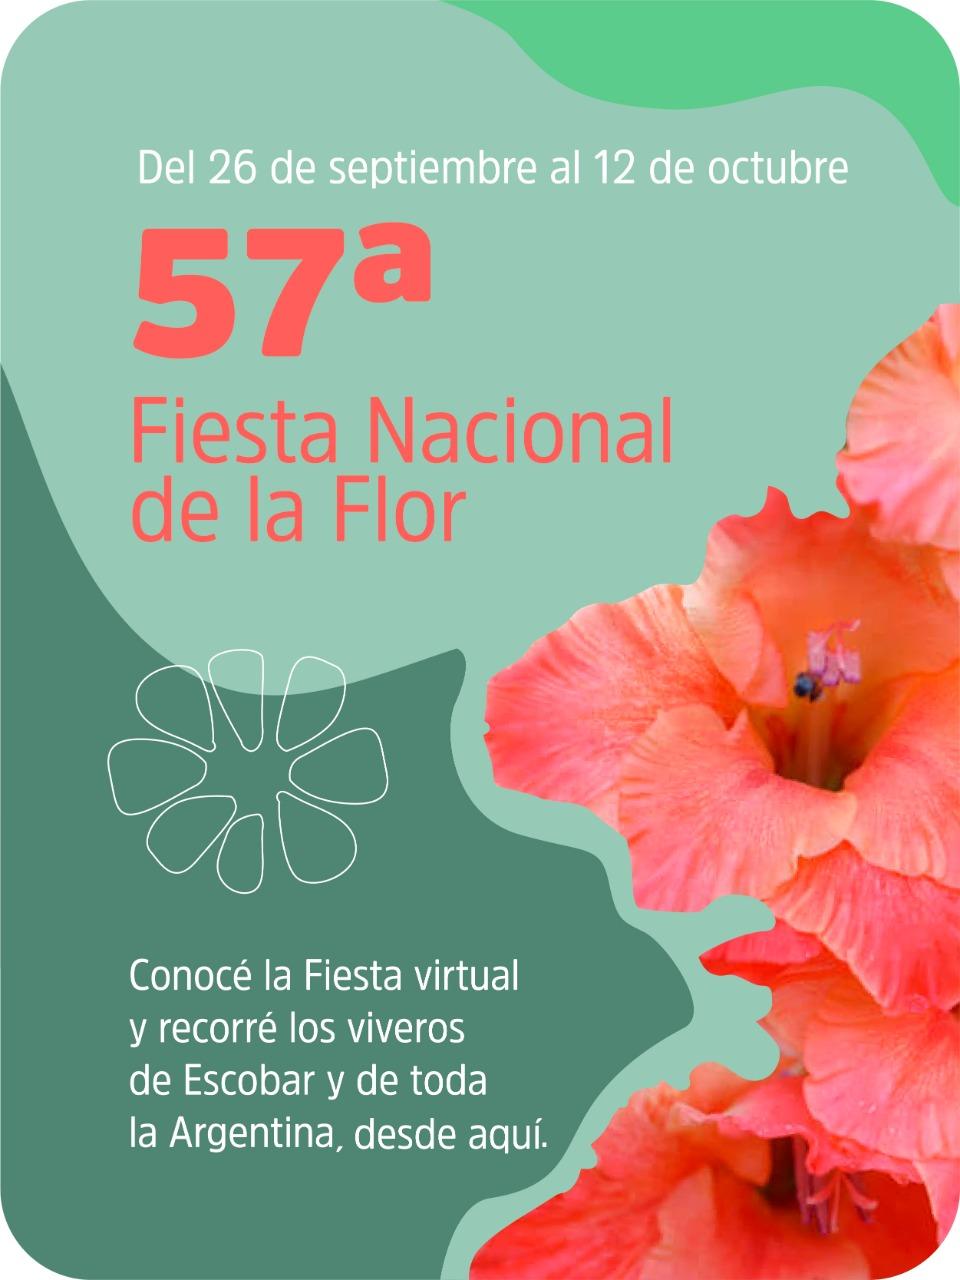 ¿Qué es la Fiesta Nacional de la Flor?